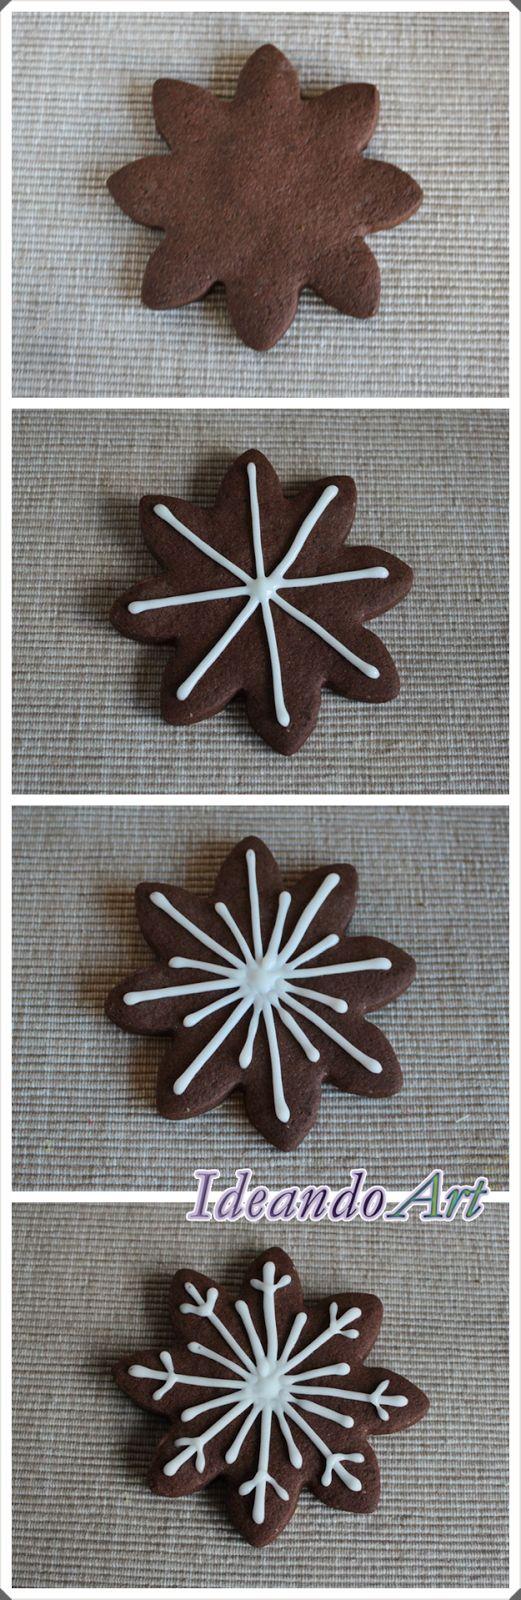 Tutorial decoración galletas de chocolate copo de nieve con glasa by IdeandoArt